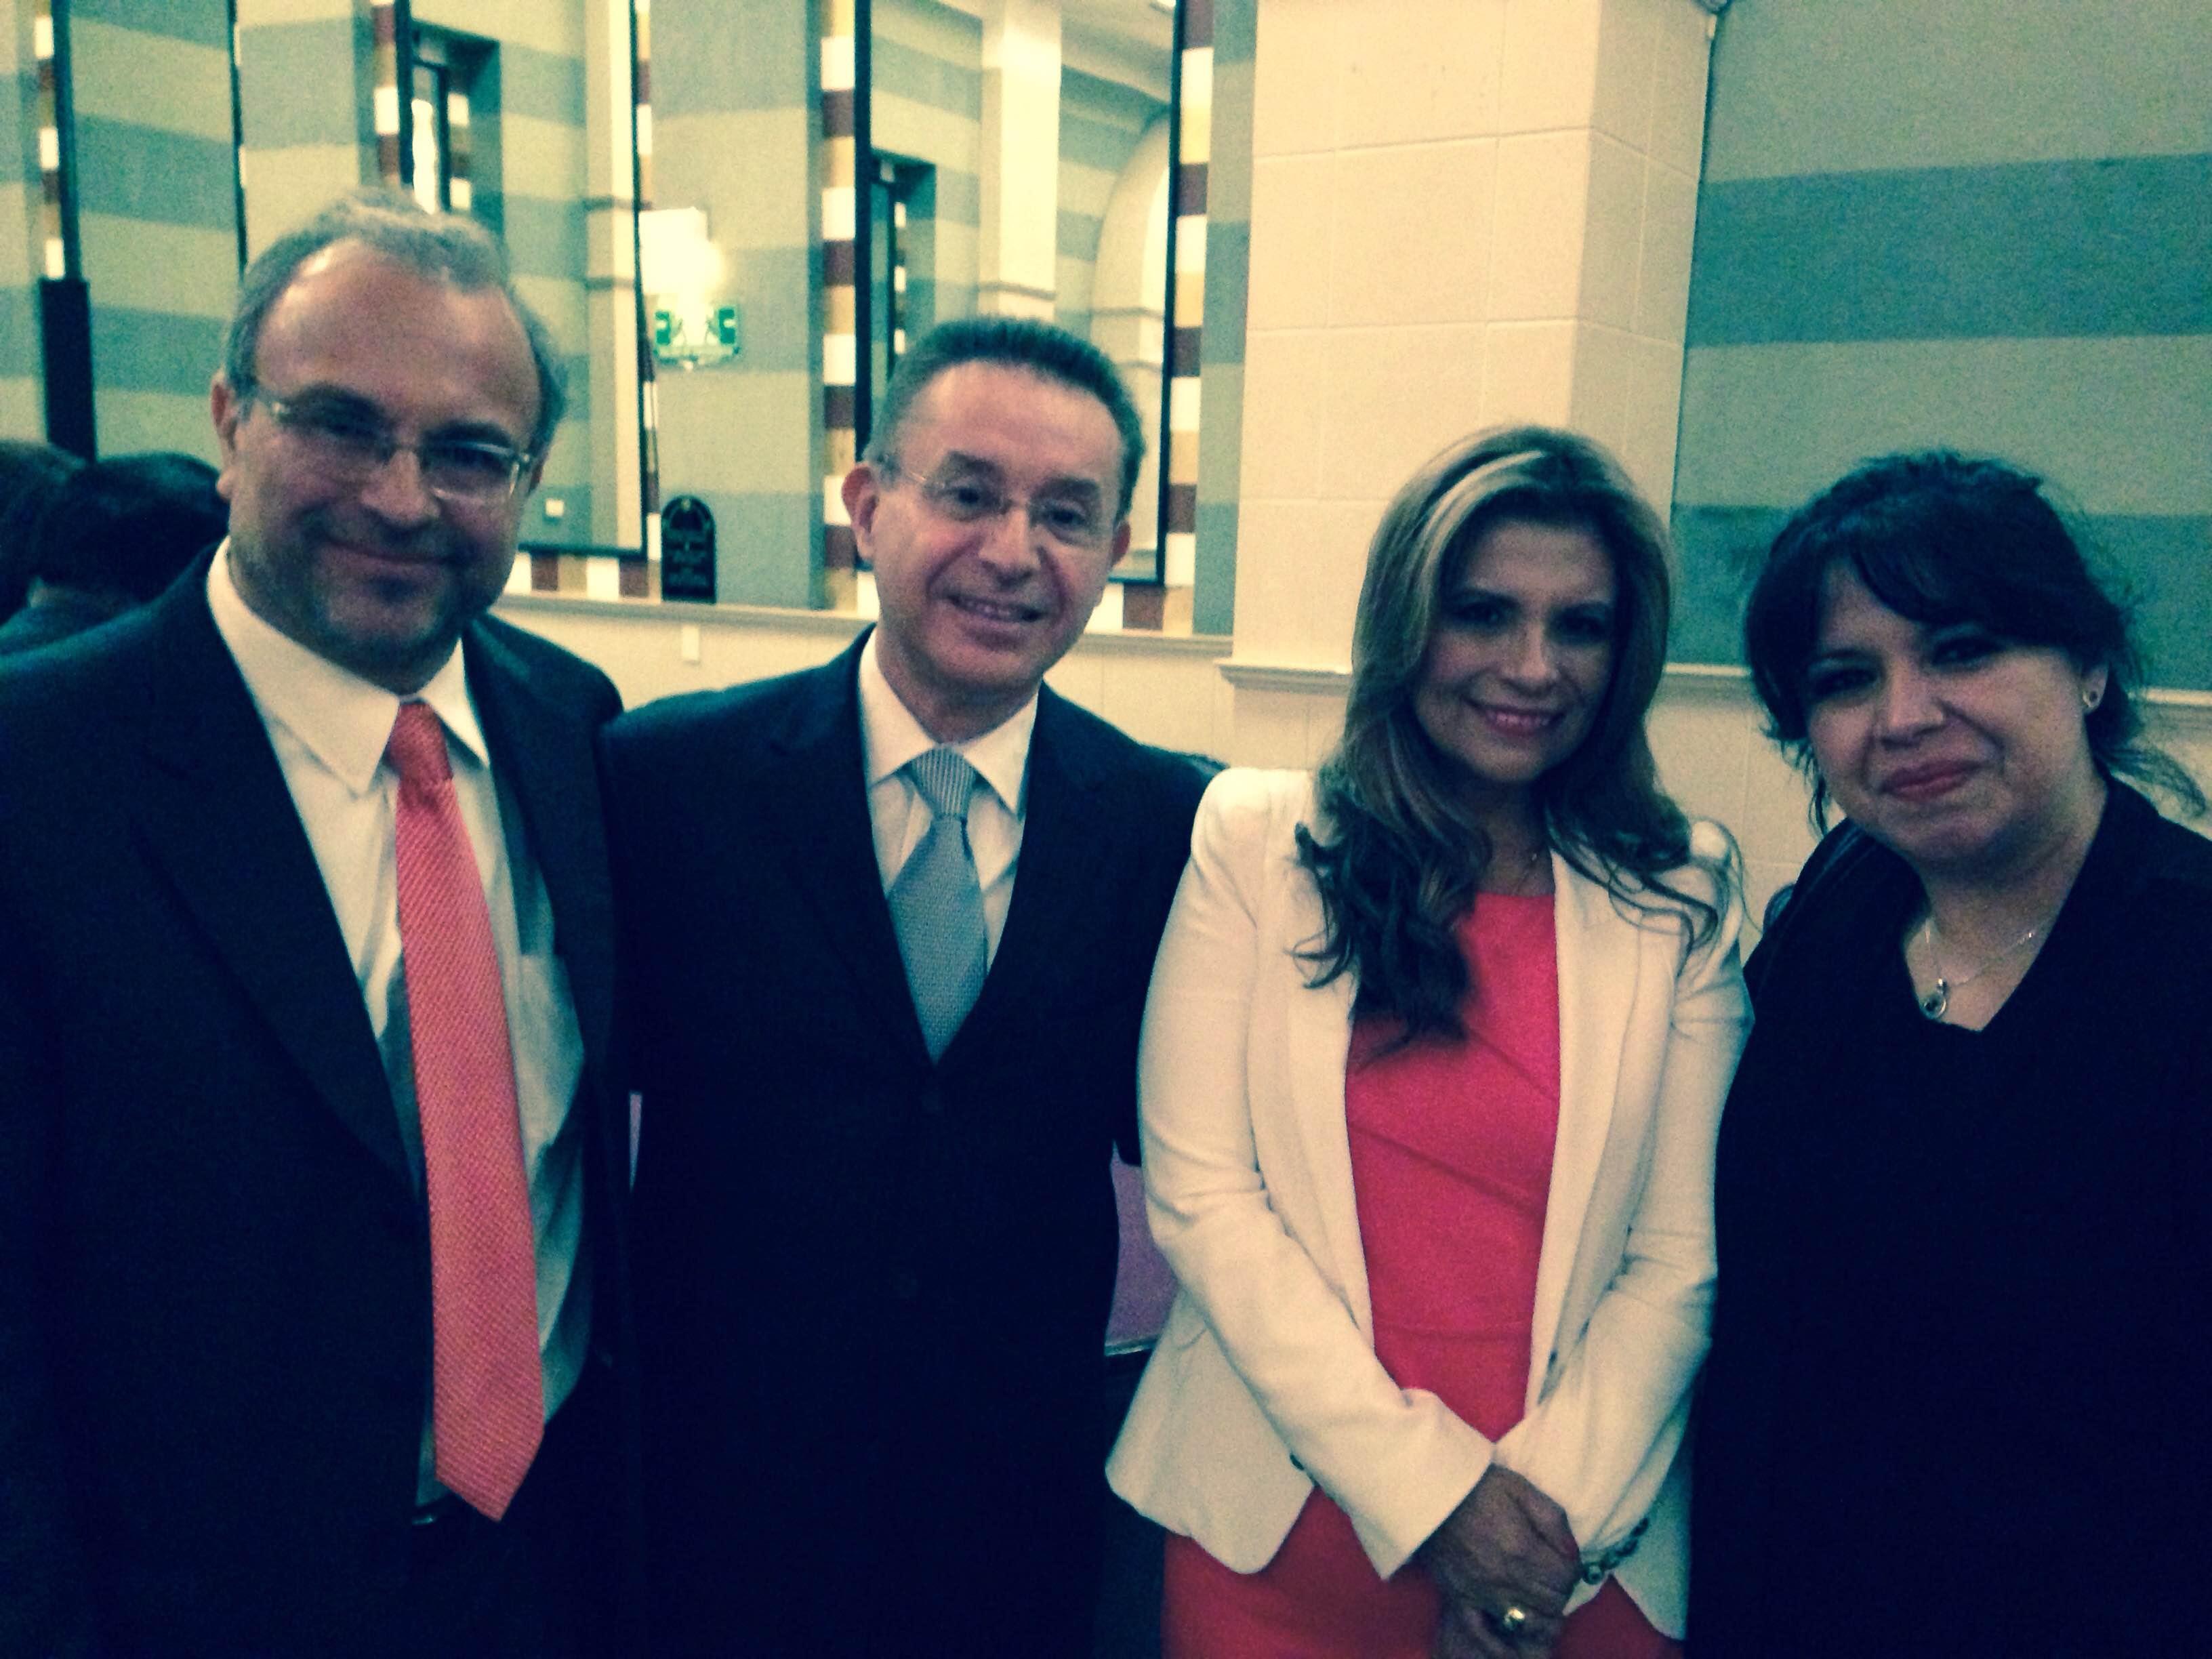 Con el Lic Alejandro Ruiz robles, Presidente de la cámara de comercio mexicana-peruana, el Lic. Óscar y la Lic. Haydeé Gálvez, empresarios textiles de Perú.